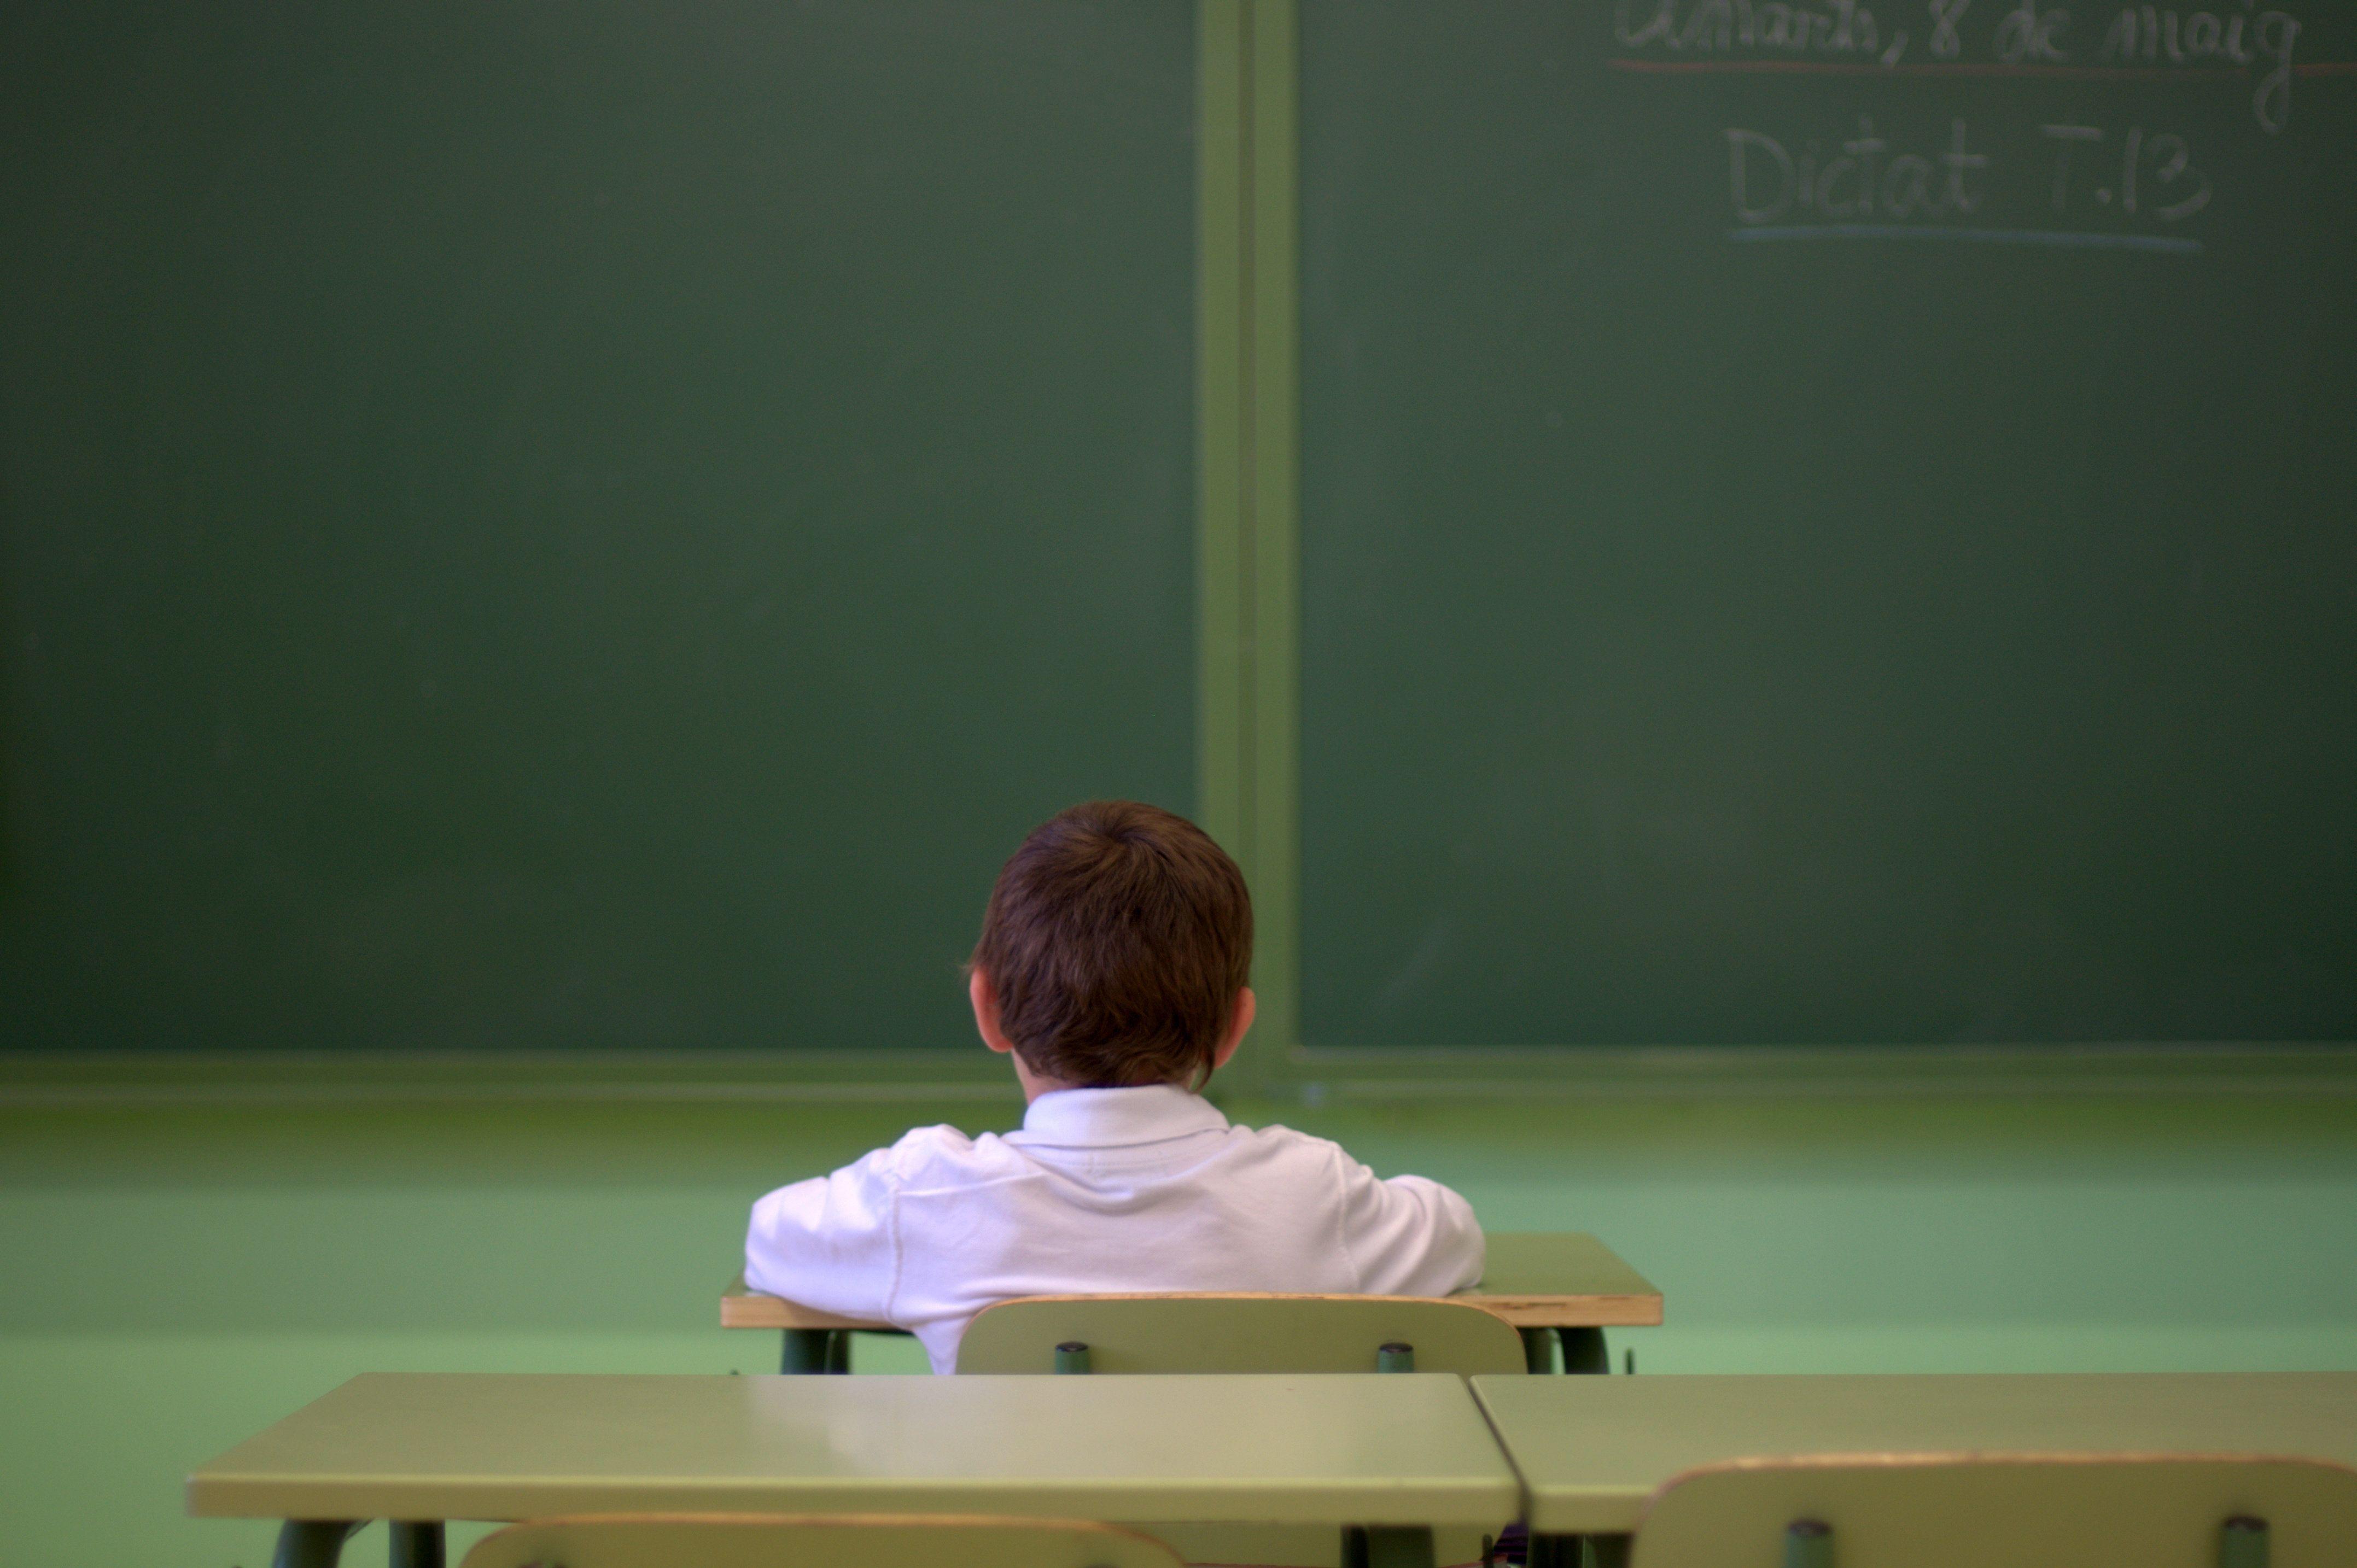 아직도 남학생에게 앞번호, 여학생에게 뒷번호를 부여하는 학교가